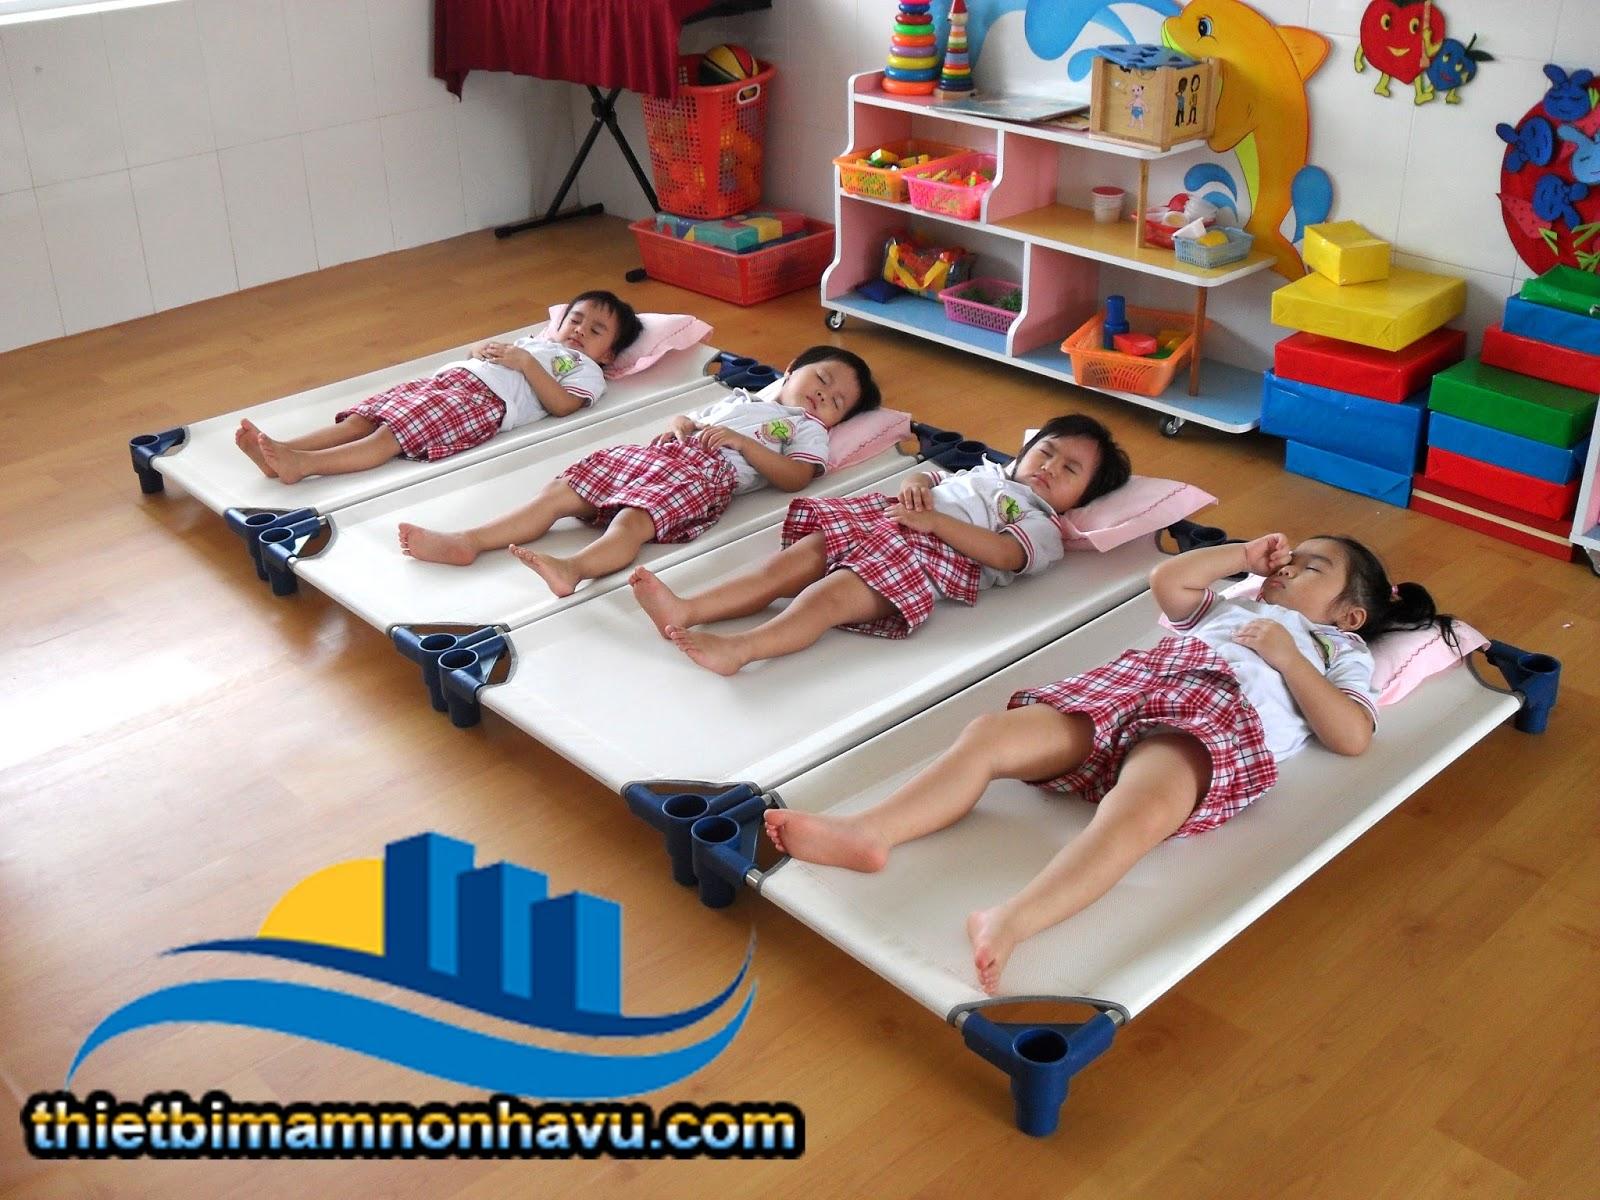 An toàn hơn cho các bé sơ sinh khi nằm cạnh cha, mẹ